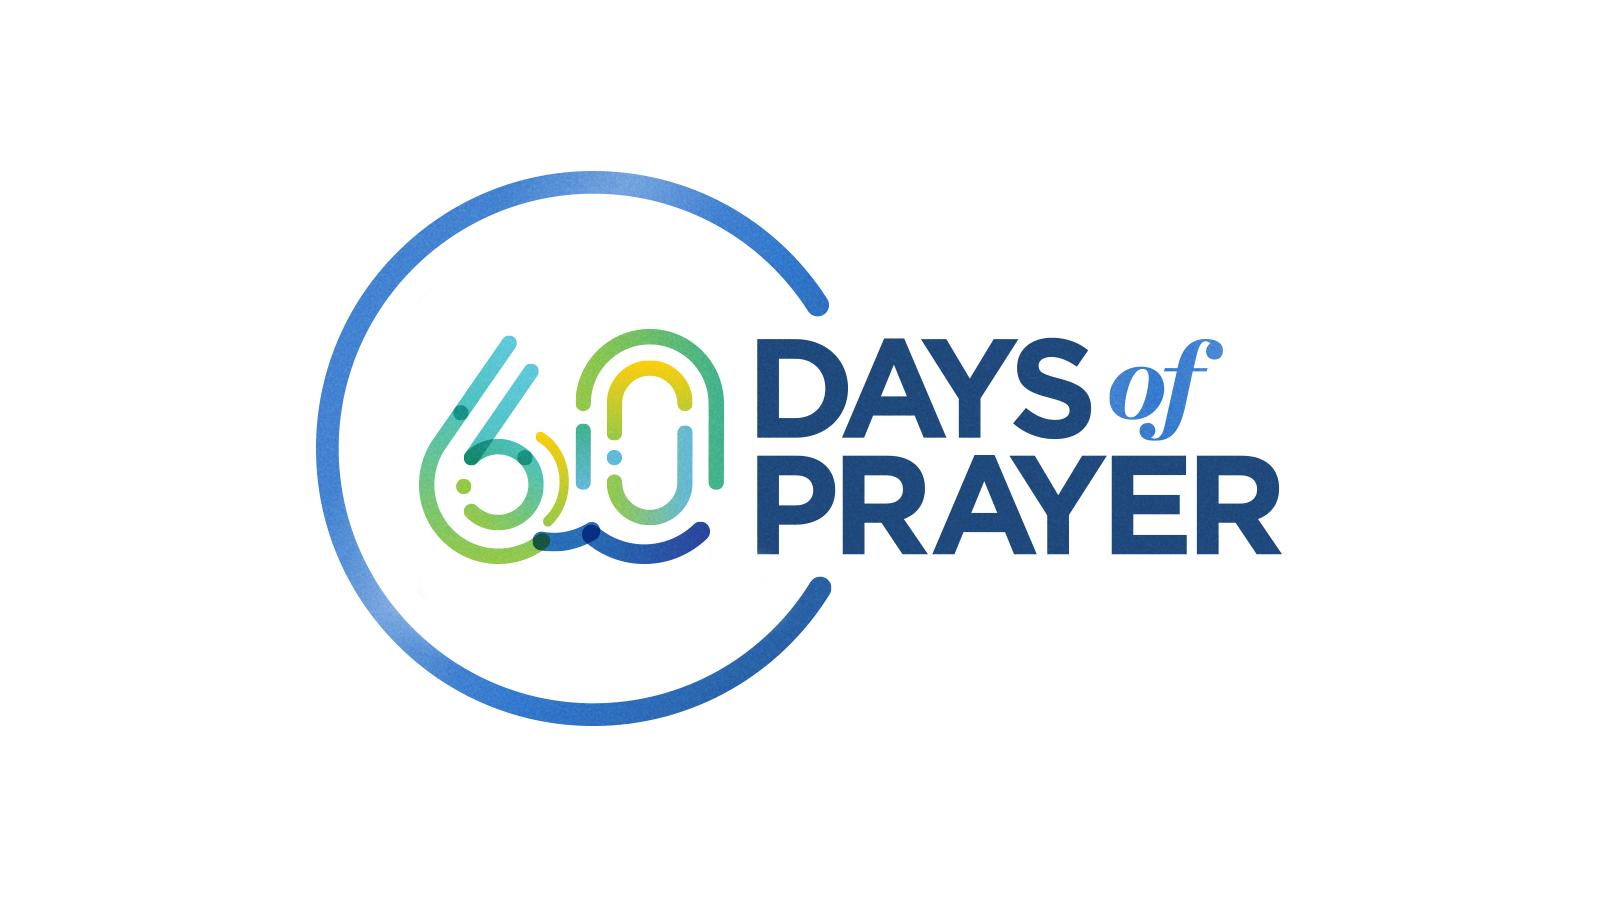 60 Days of Prayer